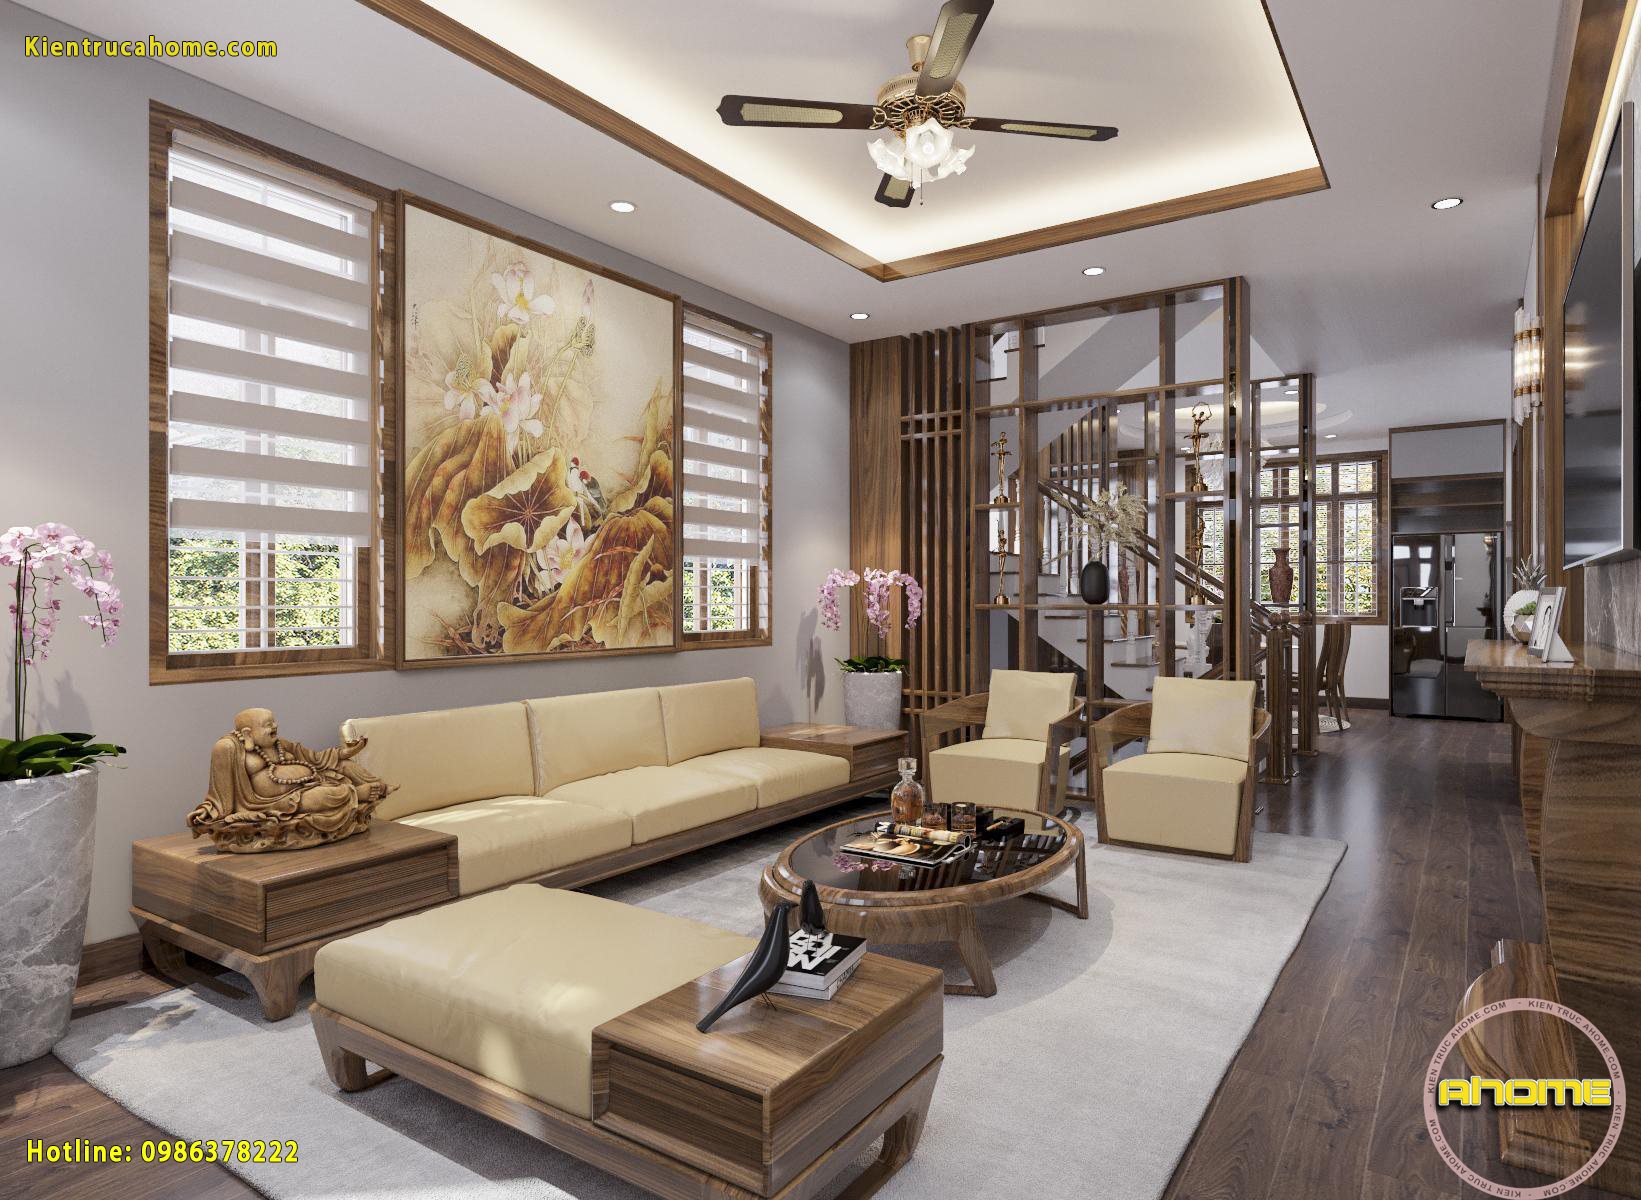 Mẫu nội thất Hiện đại gỗ Óc chó tuyệt đẹp NT20002(CĐT: Ông Lượng- HN)